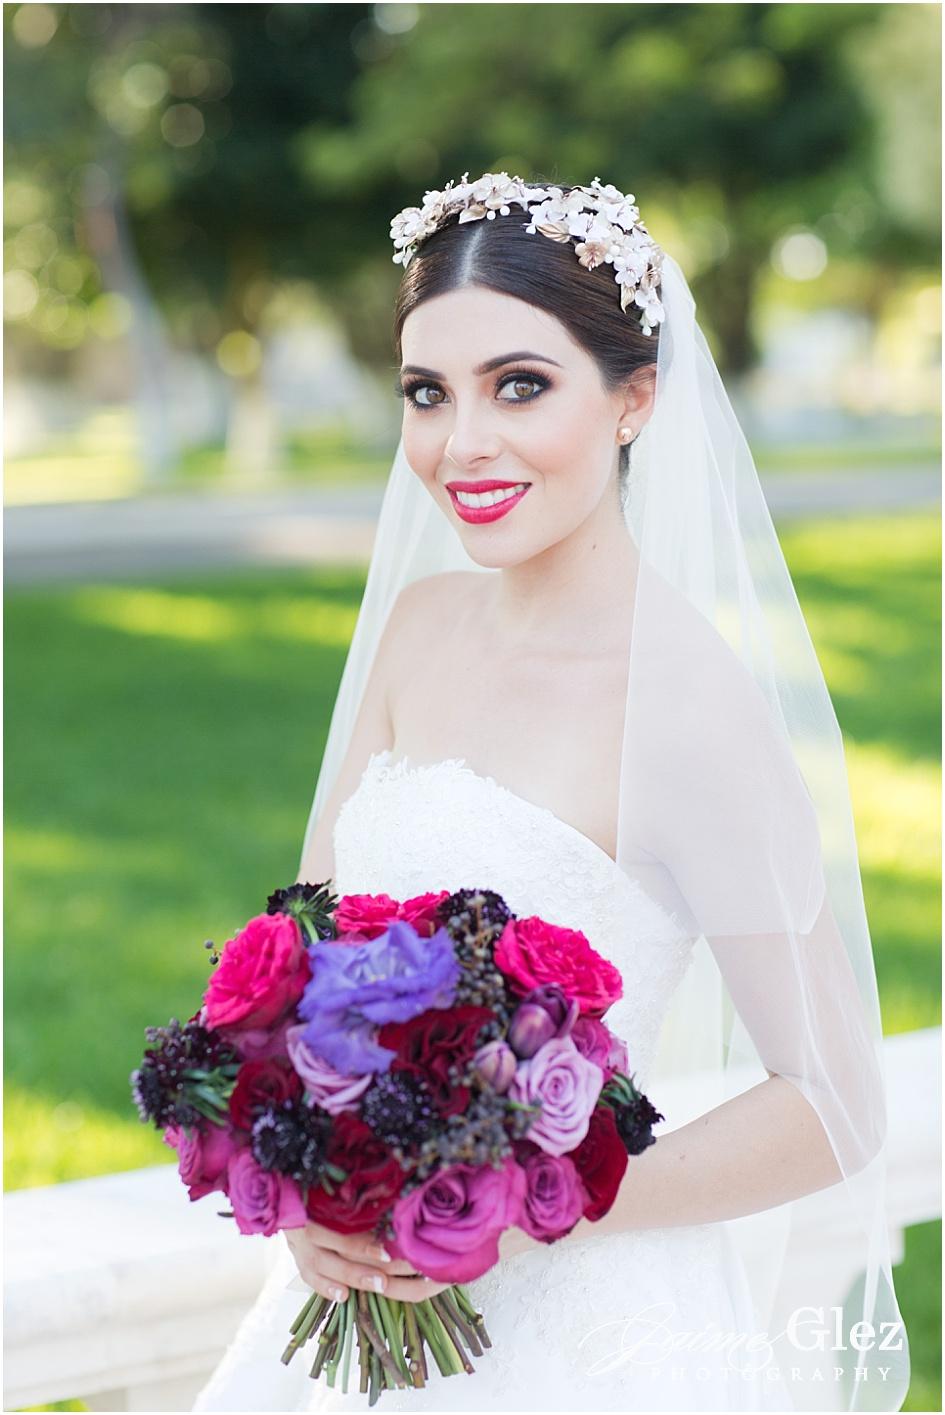 La belleza de una novia llena de ilusión y amor.